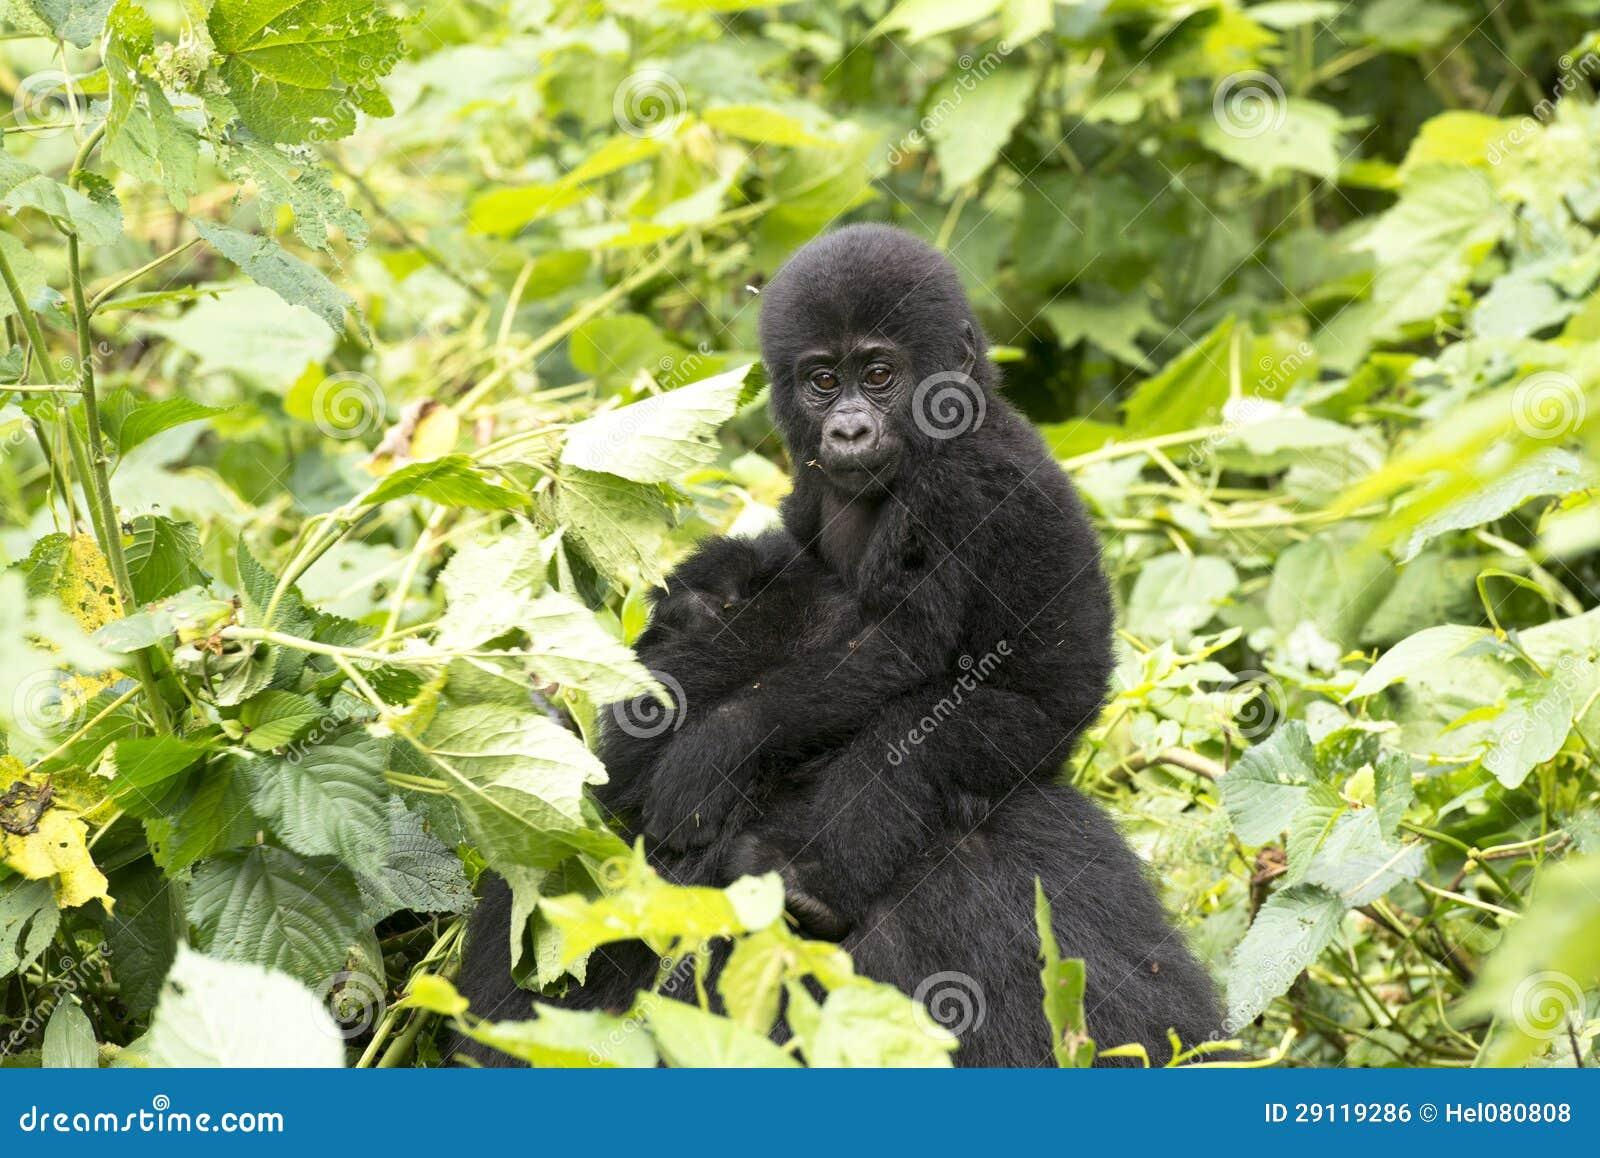 Gorila del bebé en la selva tropical de África